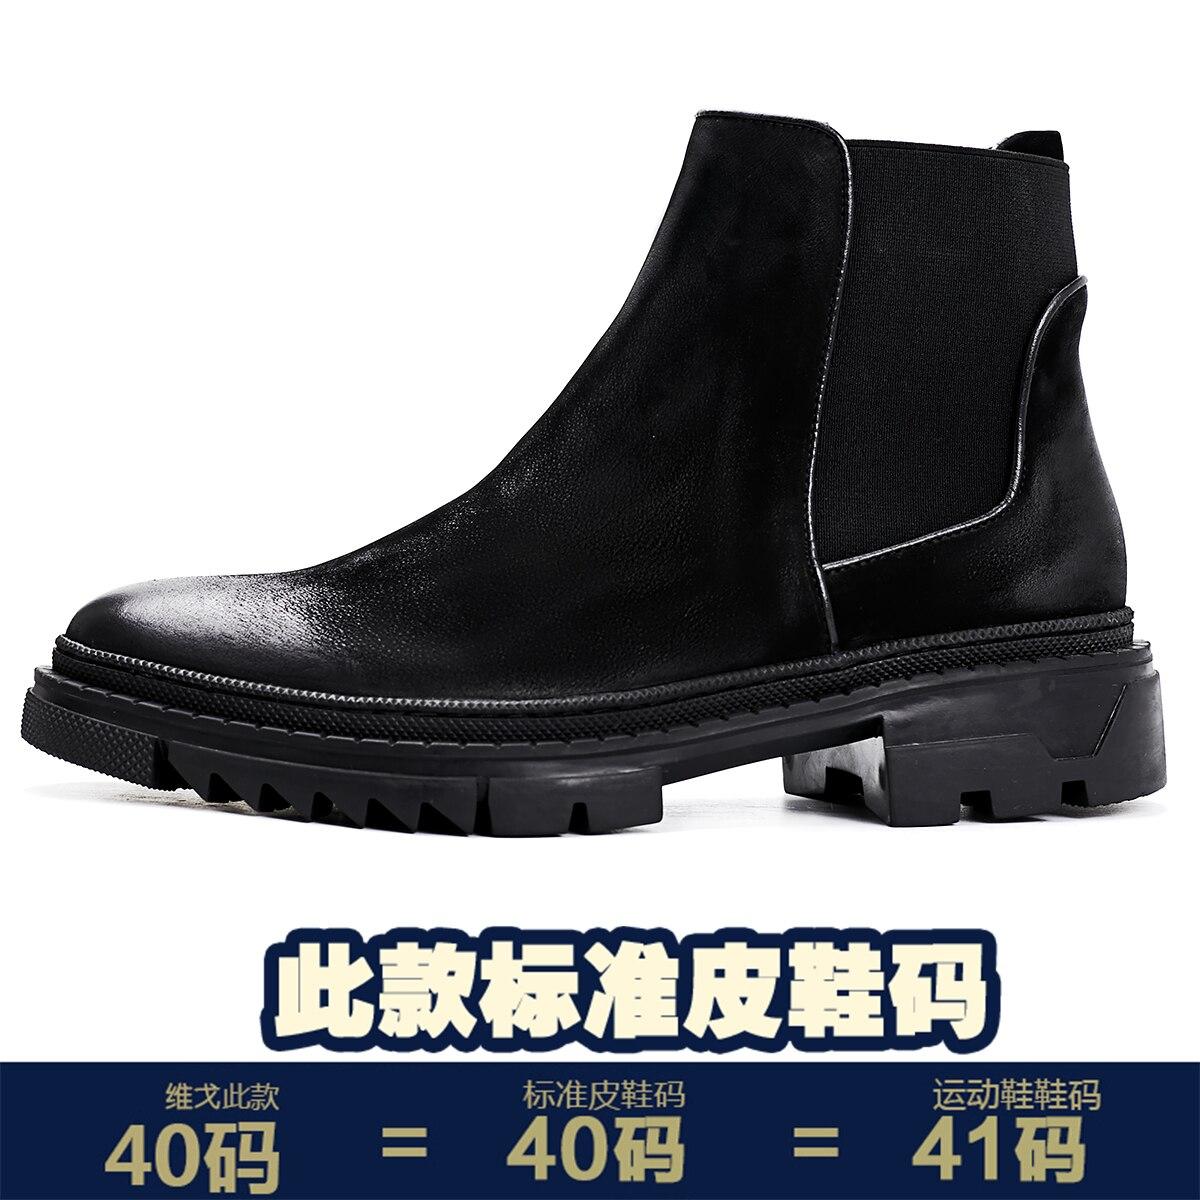 Bottoms grossas botas Chelsea Alta Qualidade do Couro Genuíno botas de outono inverno homens Britânicos sapatos de couro botas de combate militar - 6